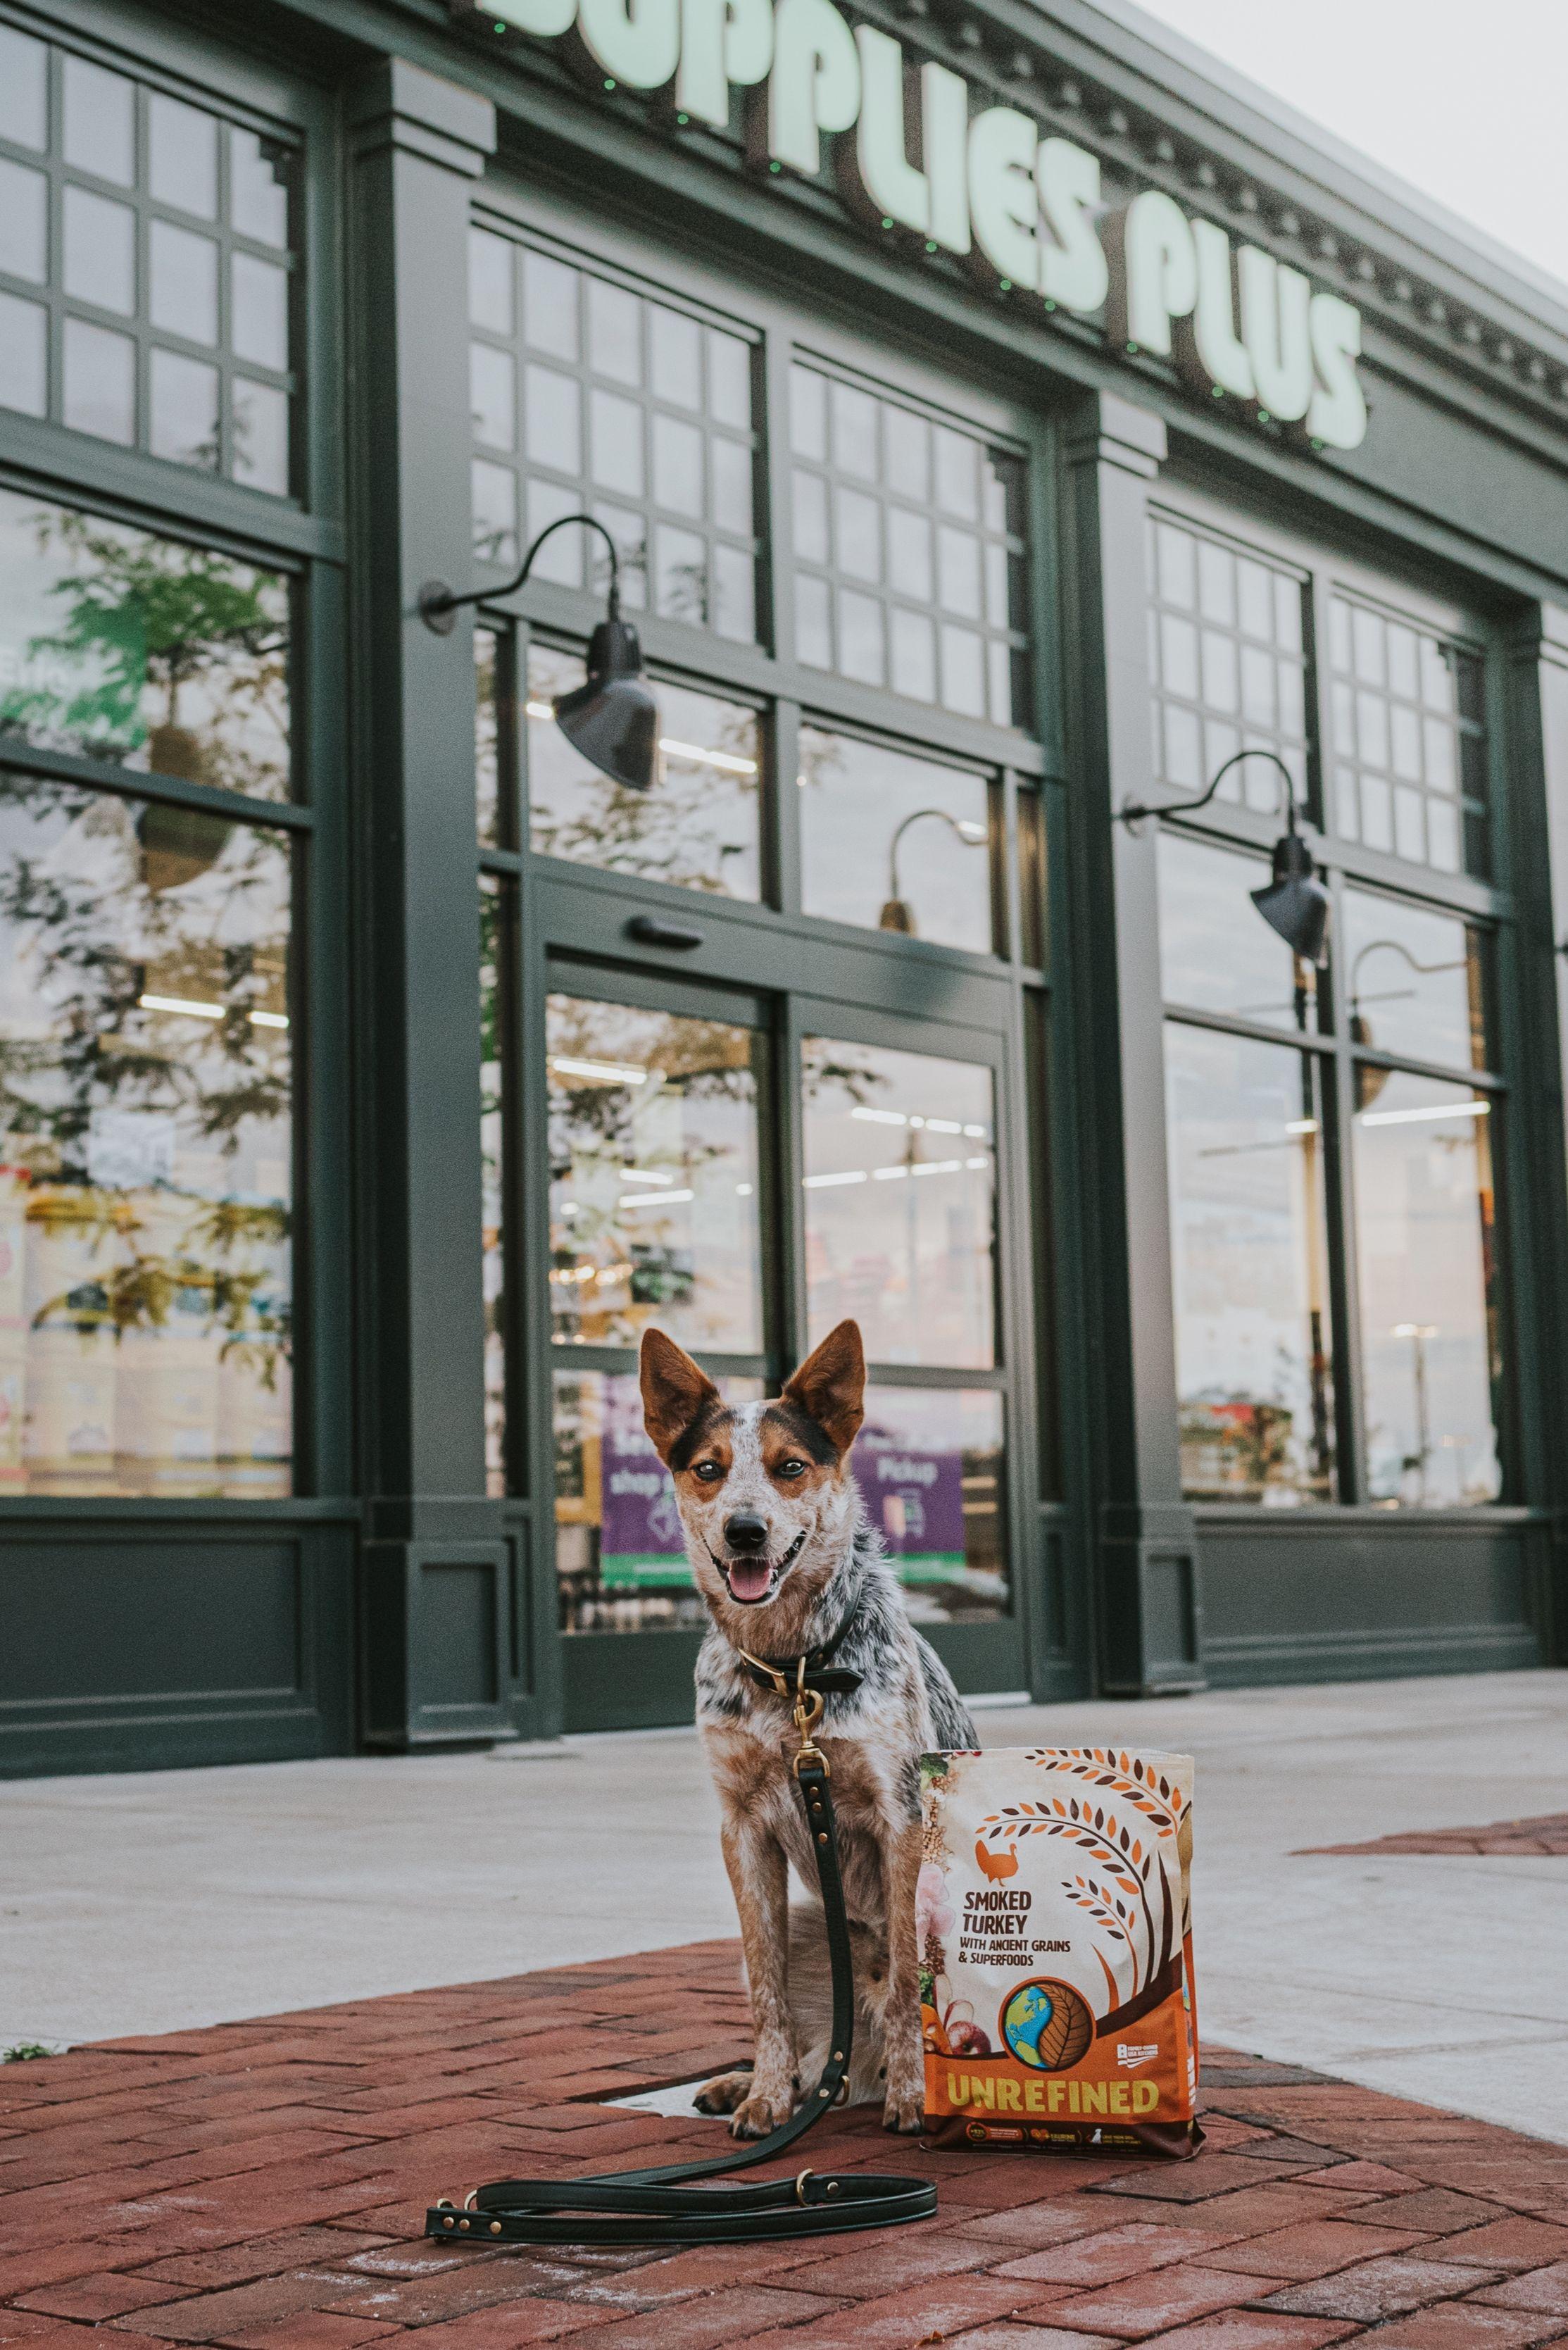 Pet Supplies Plus Erie, PA in 2020 Pet supplies plus